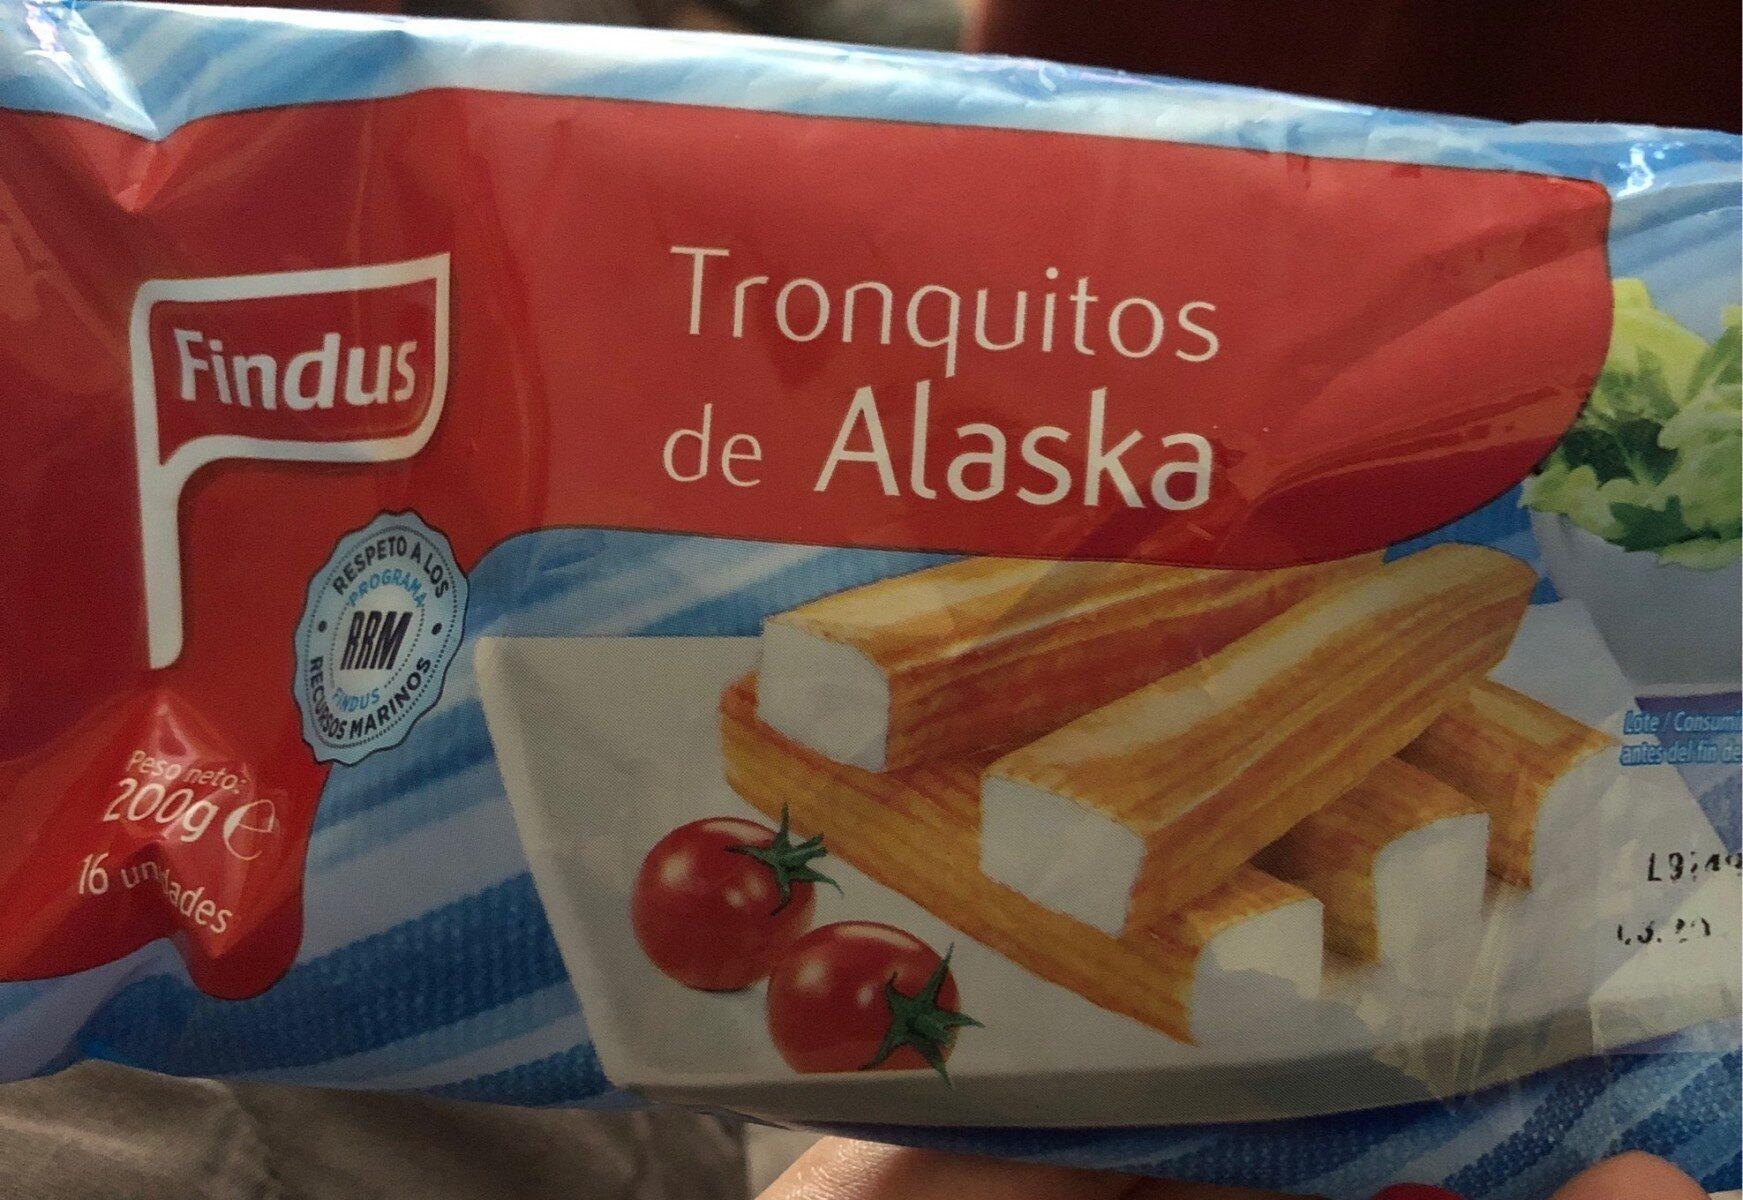 Tronquitos de Alaska - Product - es